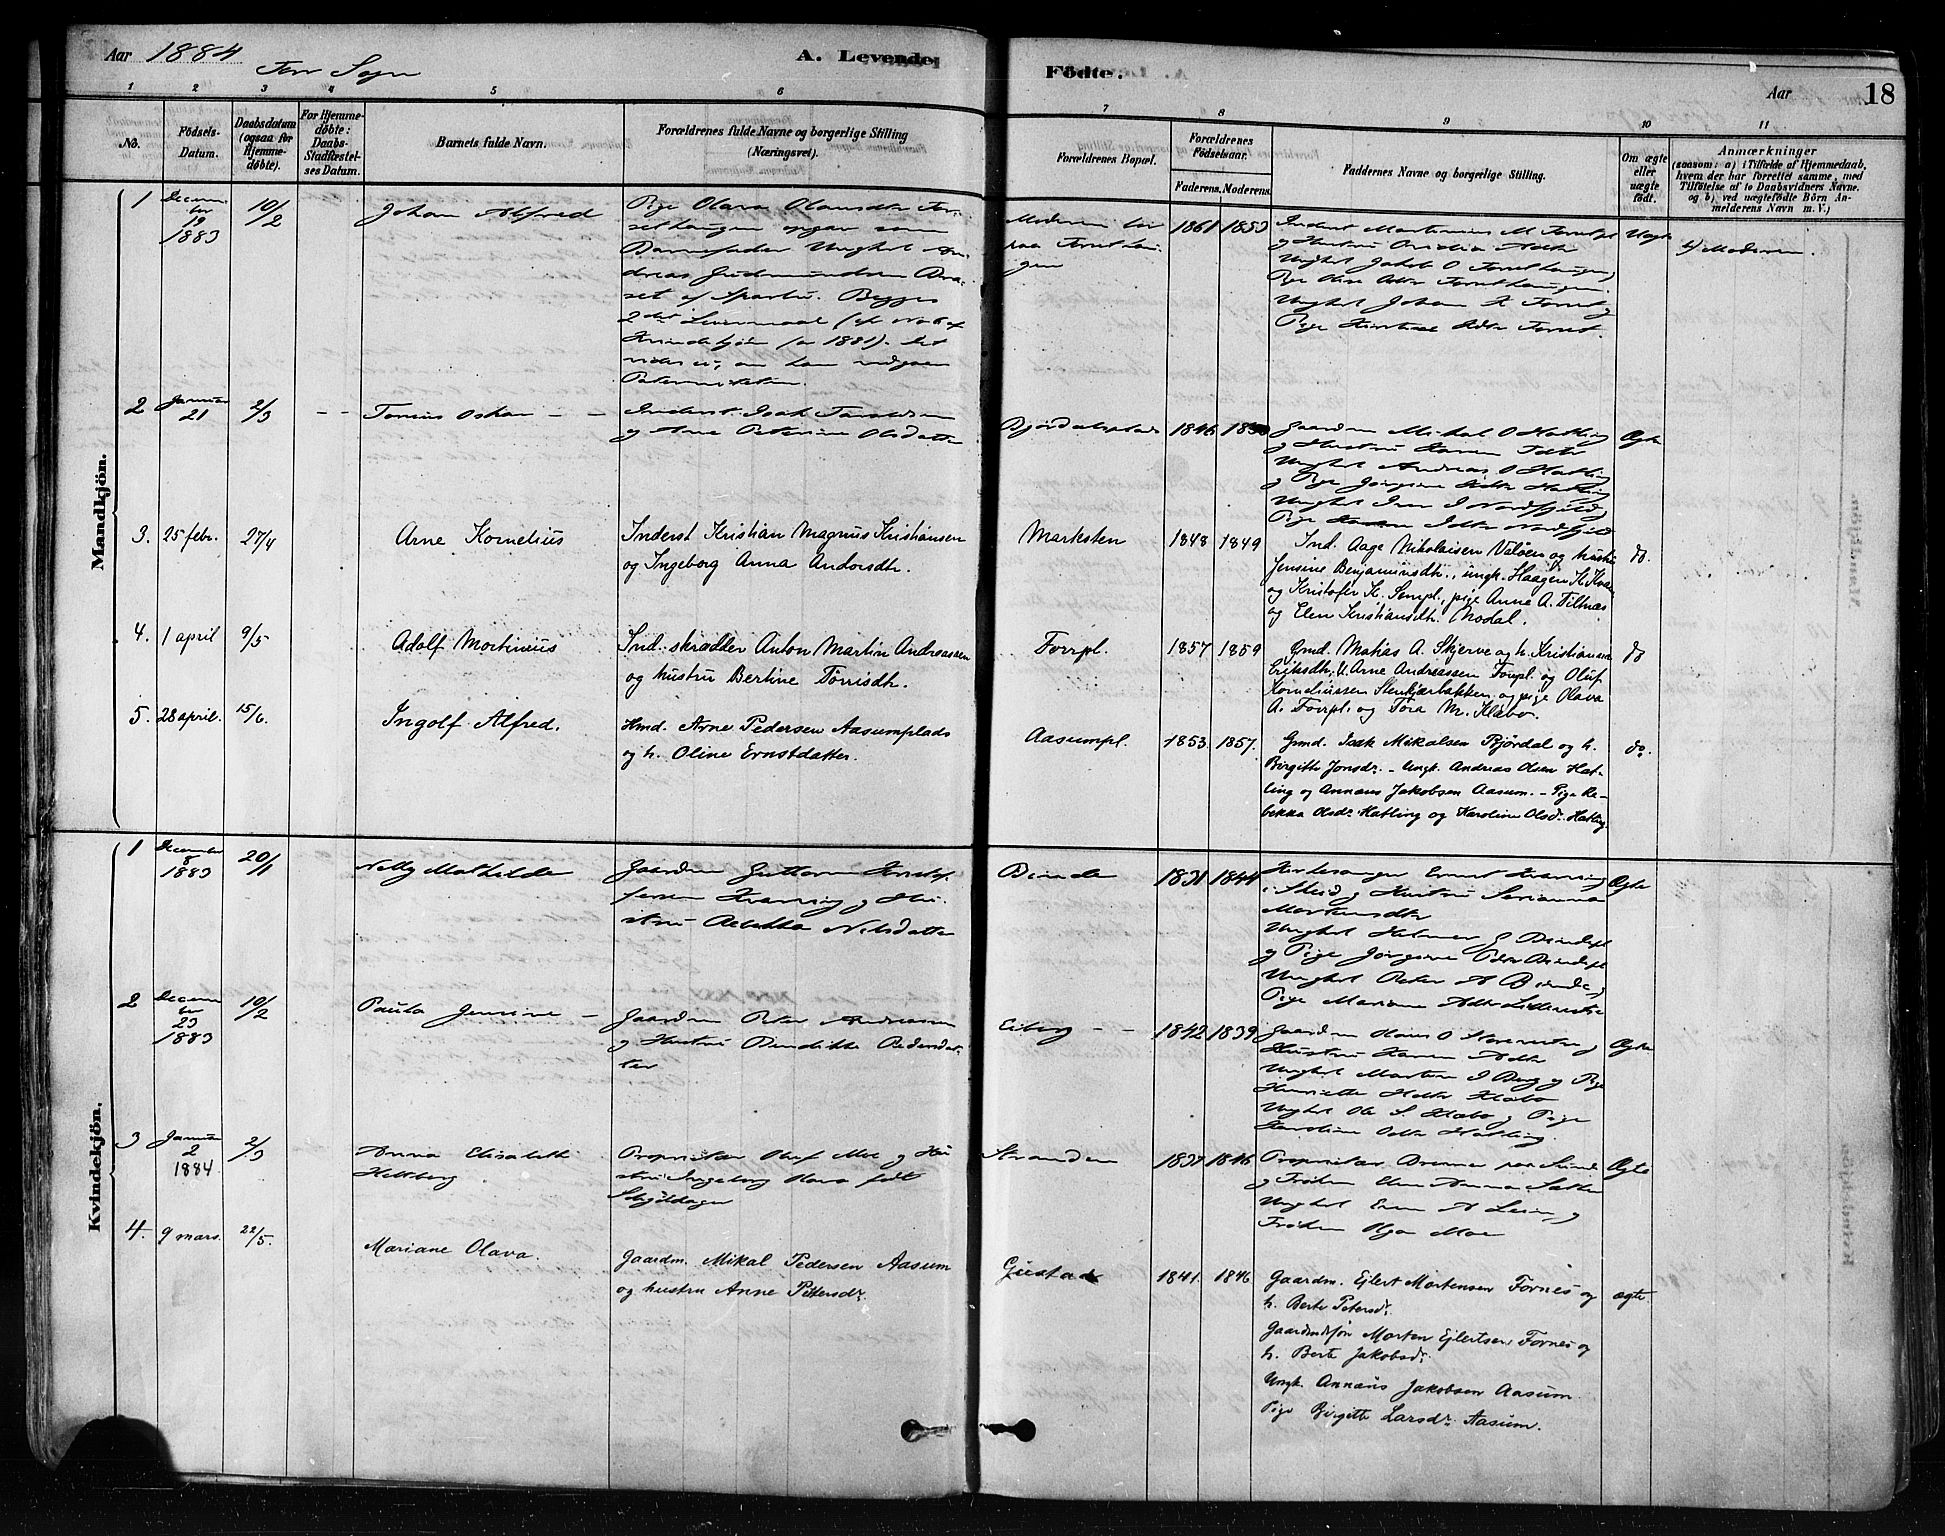 SAT, Ministerialprotokoller, klokkerbøker og fødselsregistre - Nord-Trøndelag, 746/L0448: Ministerialbok nr. 746A07 /1, 1878-1900, s. 18